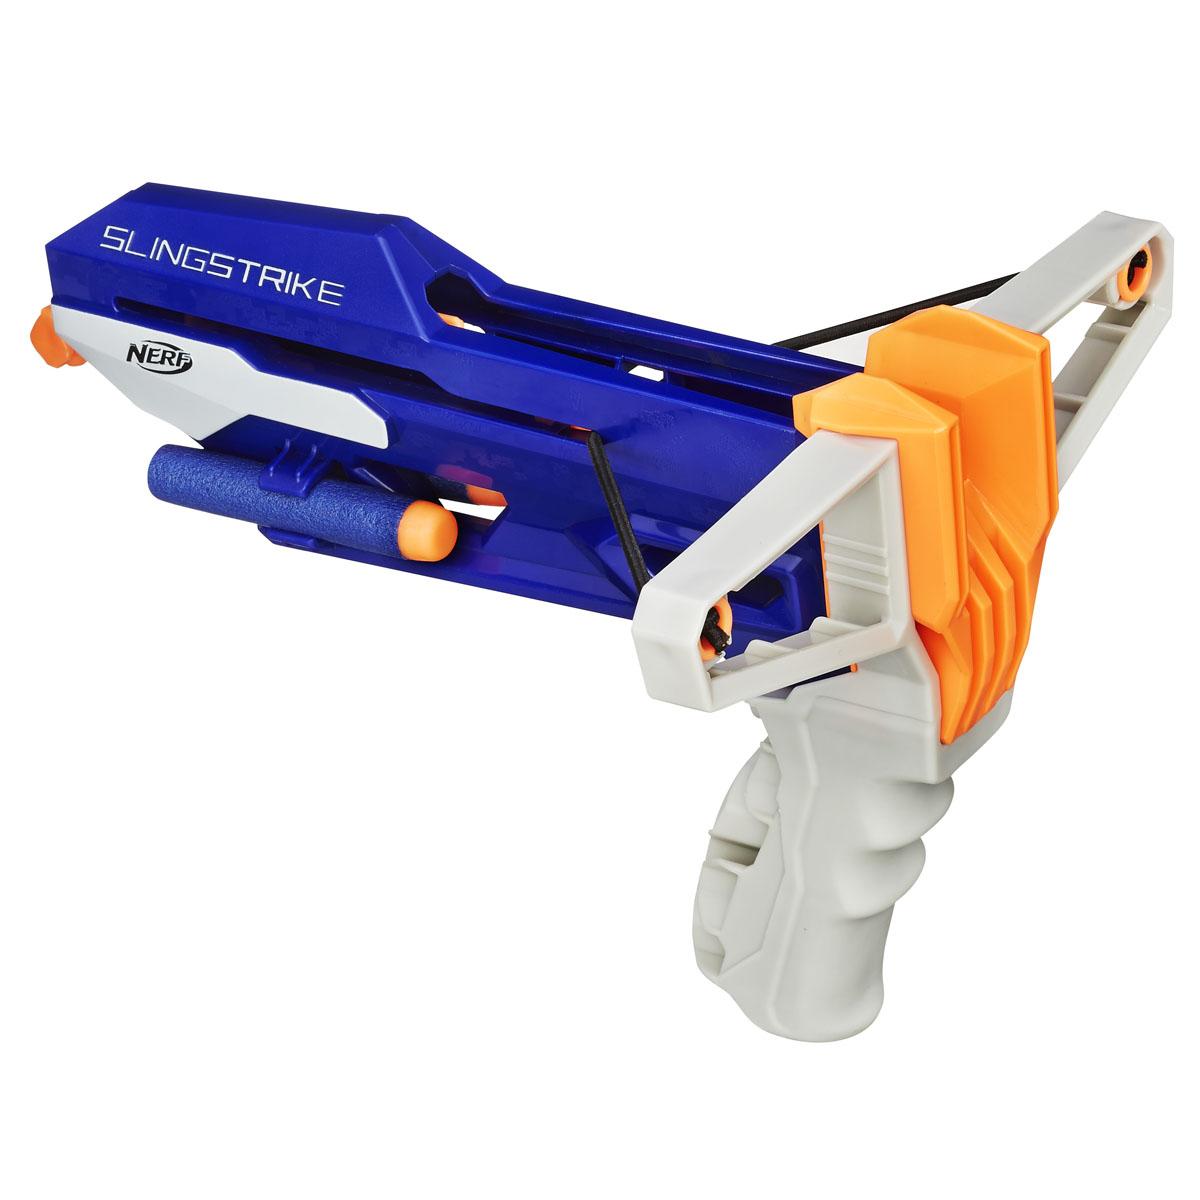 Nerf Рогатка Slingstrike, со снарядамиA9250Рогатка Nerf Slingstrike позволит вашему ребенку почувствовать себя во всеоружии. Набор включает в себя рогатку, 2 снаряда, и подробную инструкцию на русском языке. Рогатка выполнена из прочного безопасного пластика, а снаряды изготовлены из гибкого вспененного полимера. Рогатка оснащена надежным классическим механизмом стрельбы и стреляет на расстояние более 22 метров. Такая игрушка не только порадует малыша, но и поможет ему совершенствовать мелкую и крупную моторику, а также координацию движений. Ребенок сможет соревноваться с друзьями в меткости и скорости стрельбы, или устроить настоящее космическое сражение!